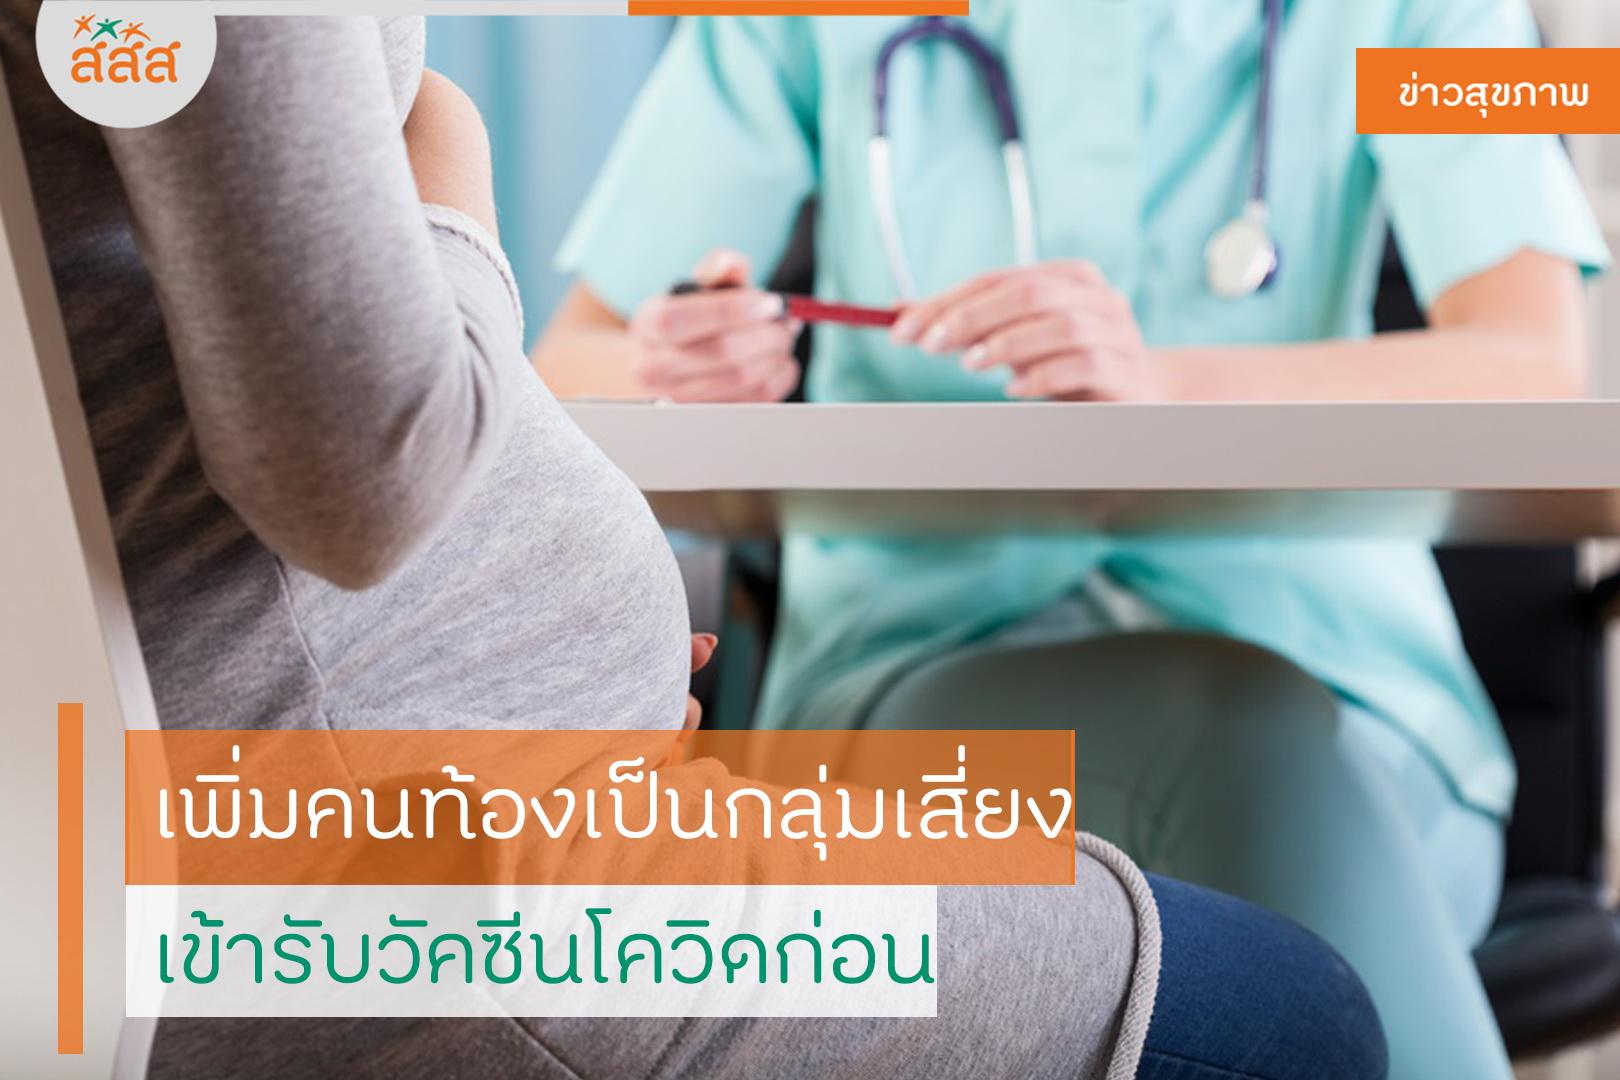 เพิ่มคนท้องเป็นกลุ่มเสี่ยง เข้ารับวัคซีนโควิดก่อน thaihealth